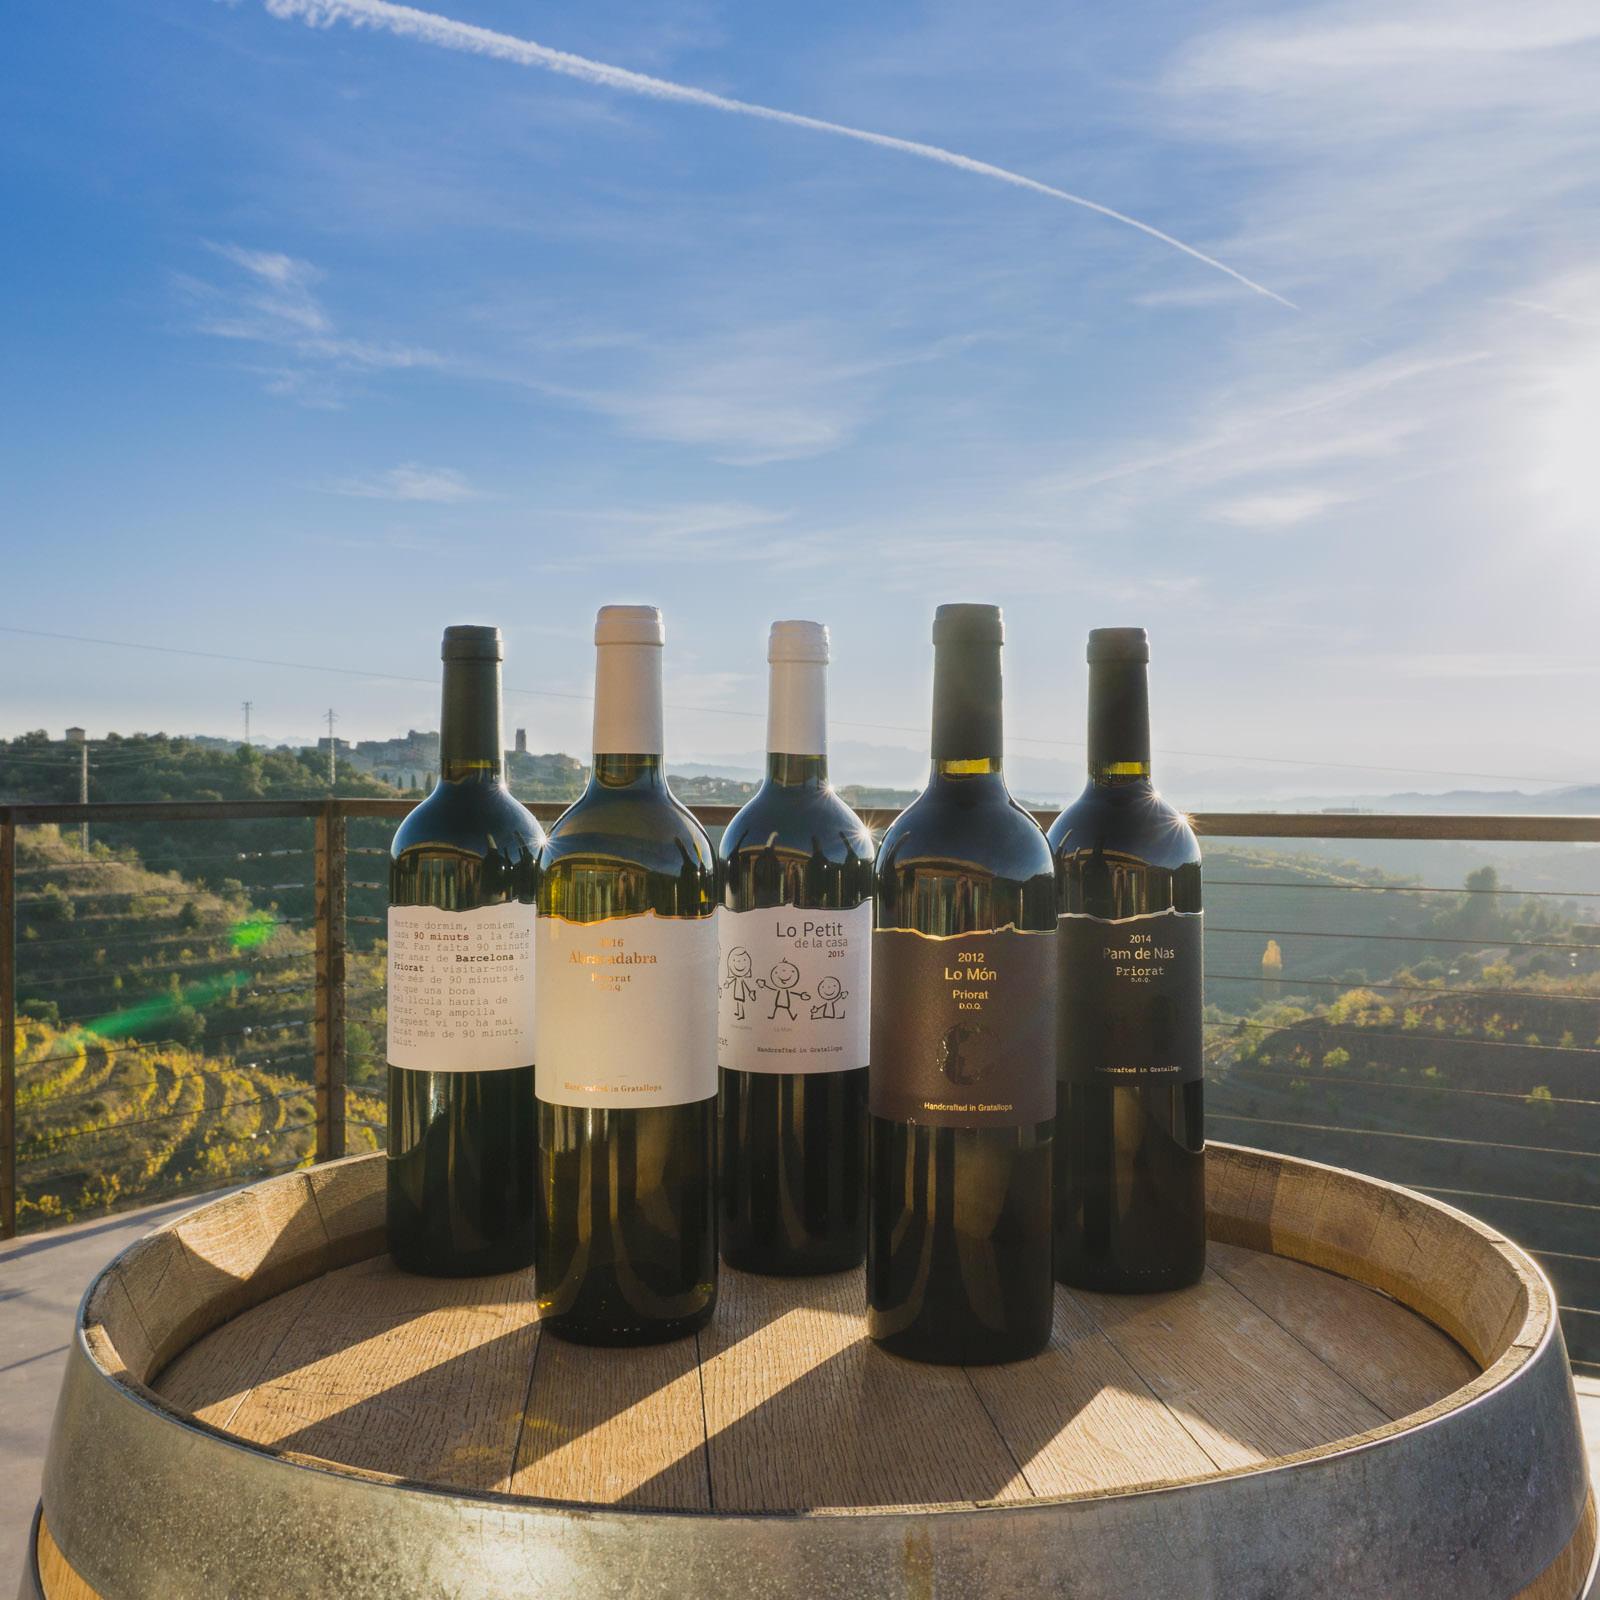 Trossos del Priorat wines